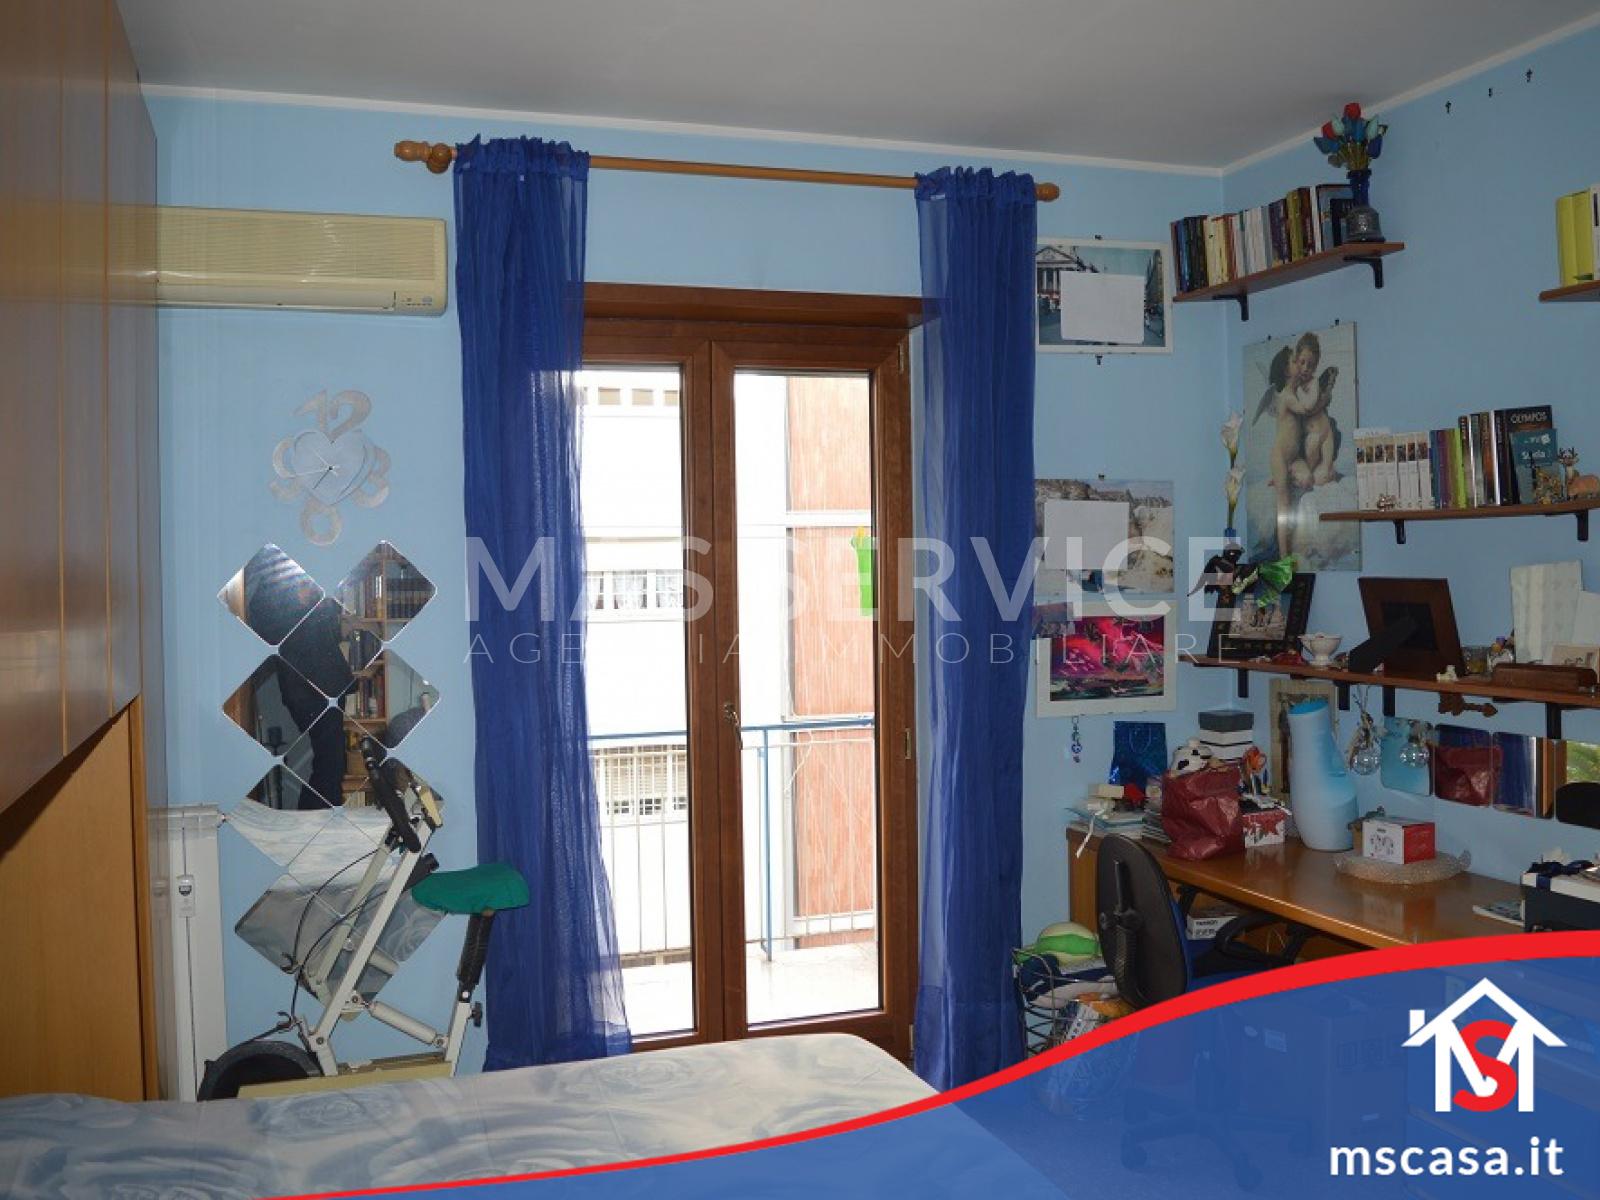 Quadrilocale in vendita zona Montagnola a Roma Vista Cameretta altra prospettiva